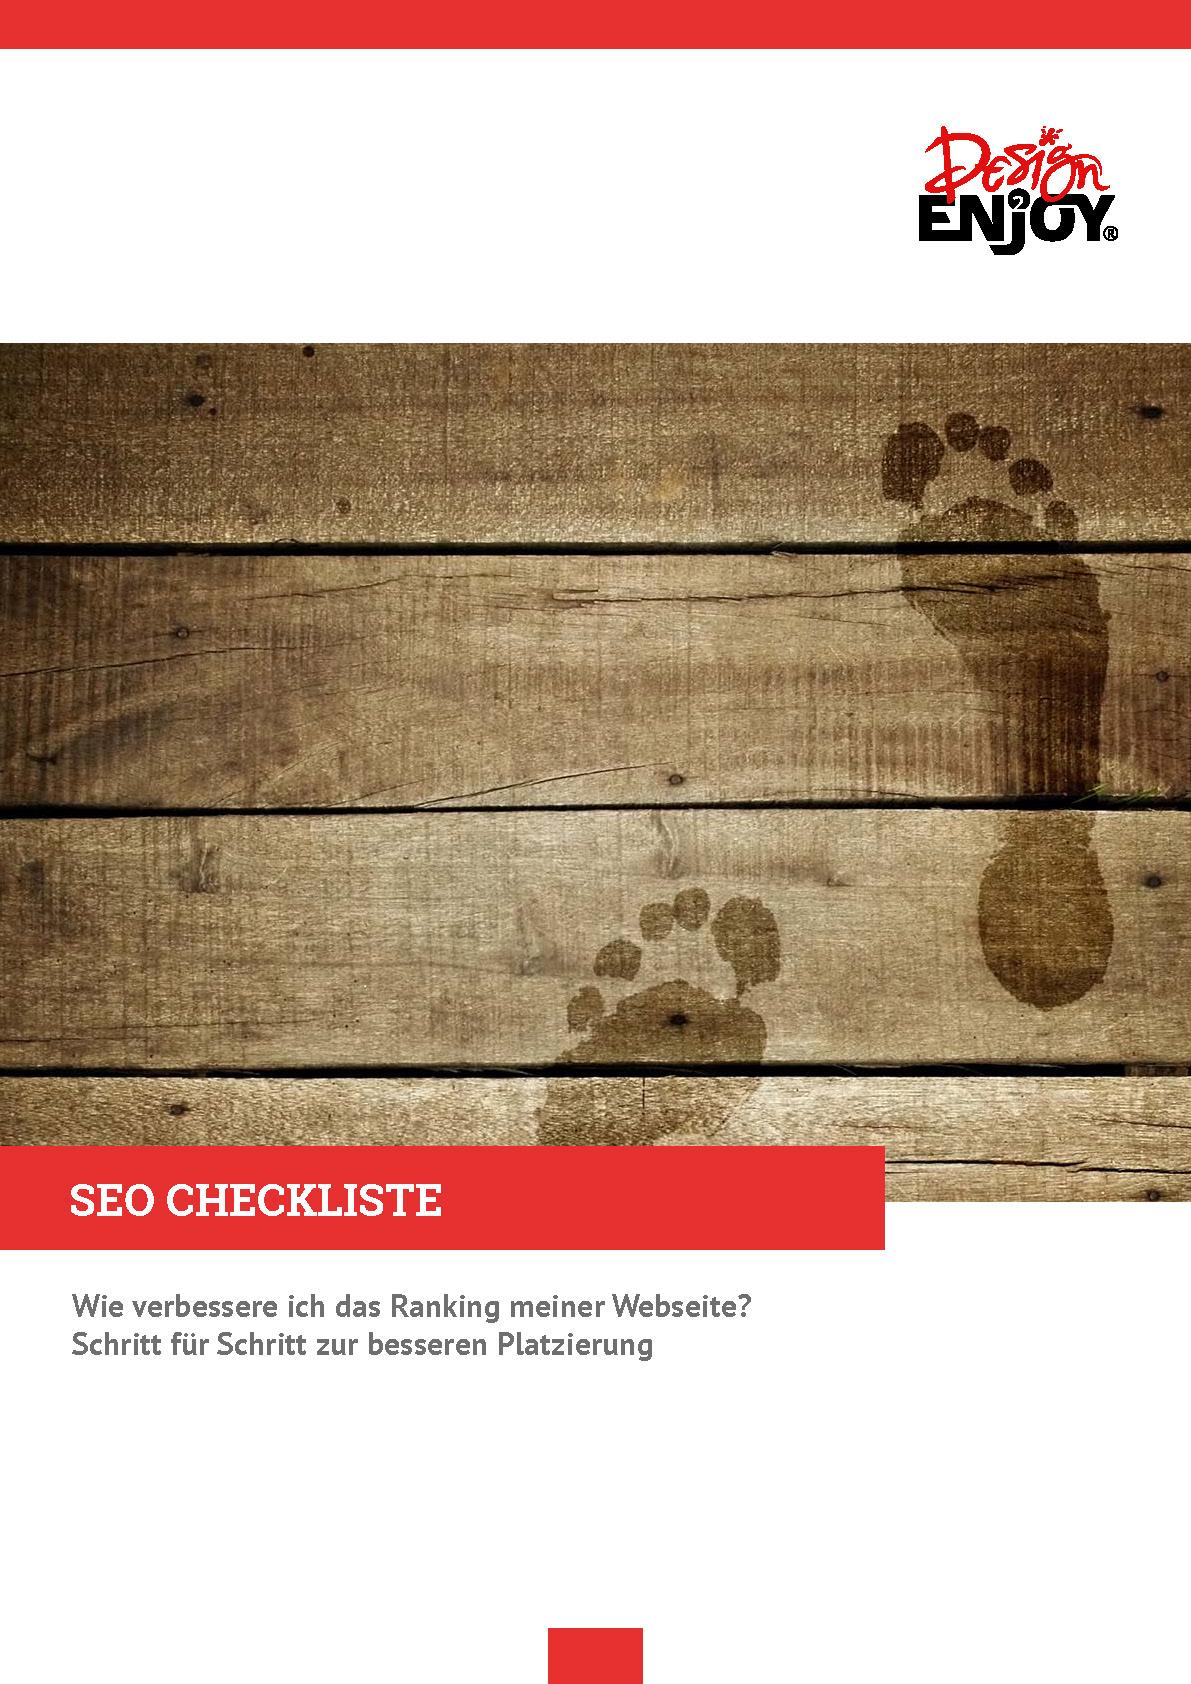 Wie das Ranking einer Webseite verbessern?